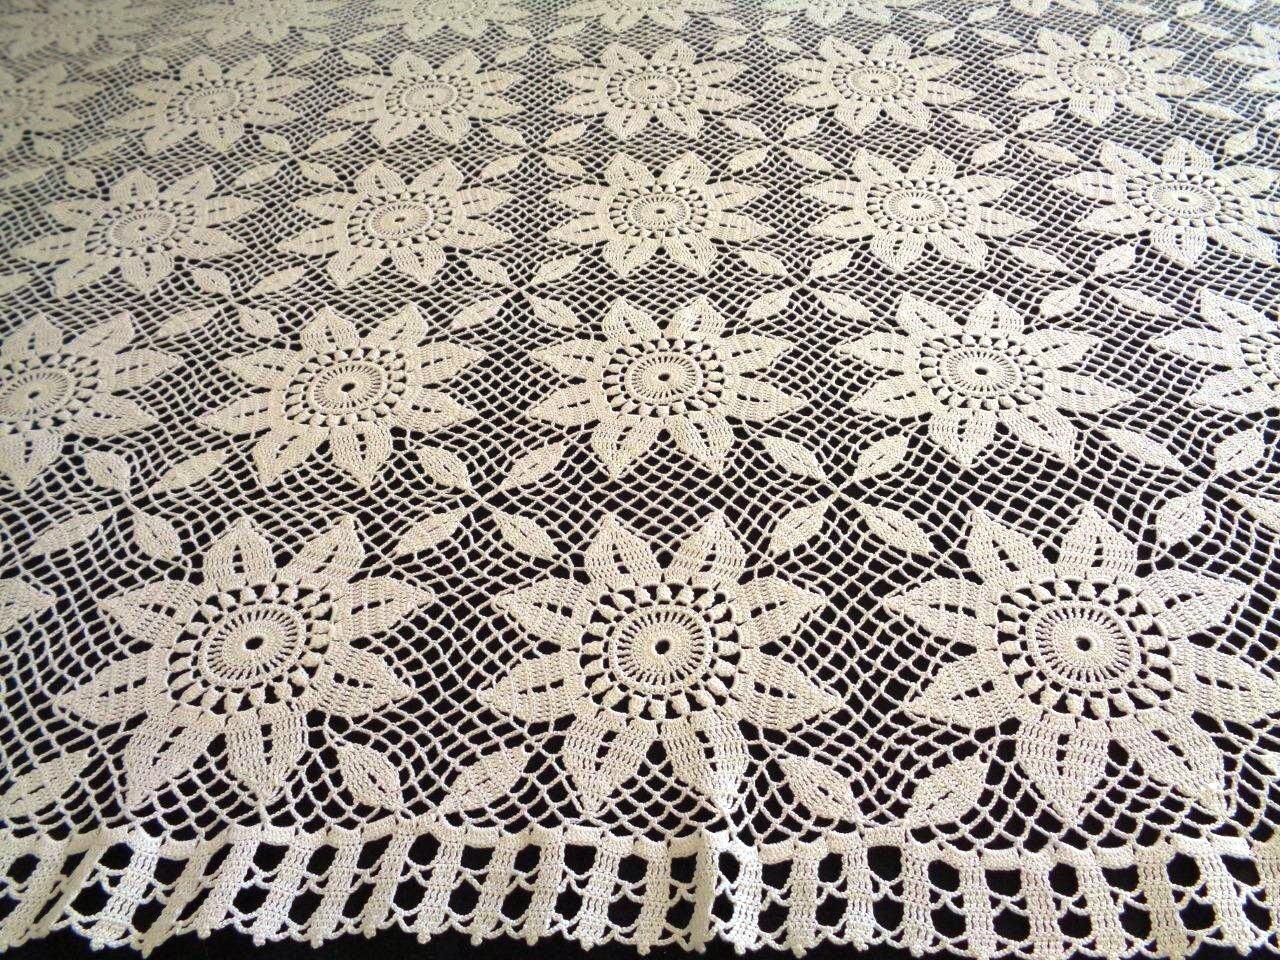 Häkeln Sie große Sonnenblume Rechteckmuster handgemachte Crochet Lace Cover Tischdecken Tischläufer Tischdecke